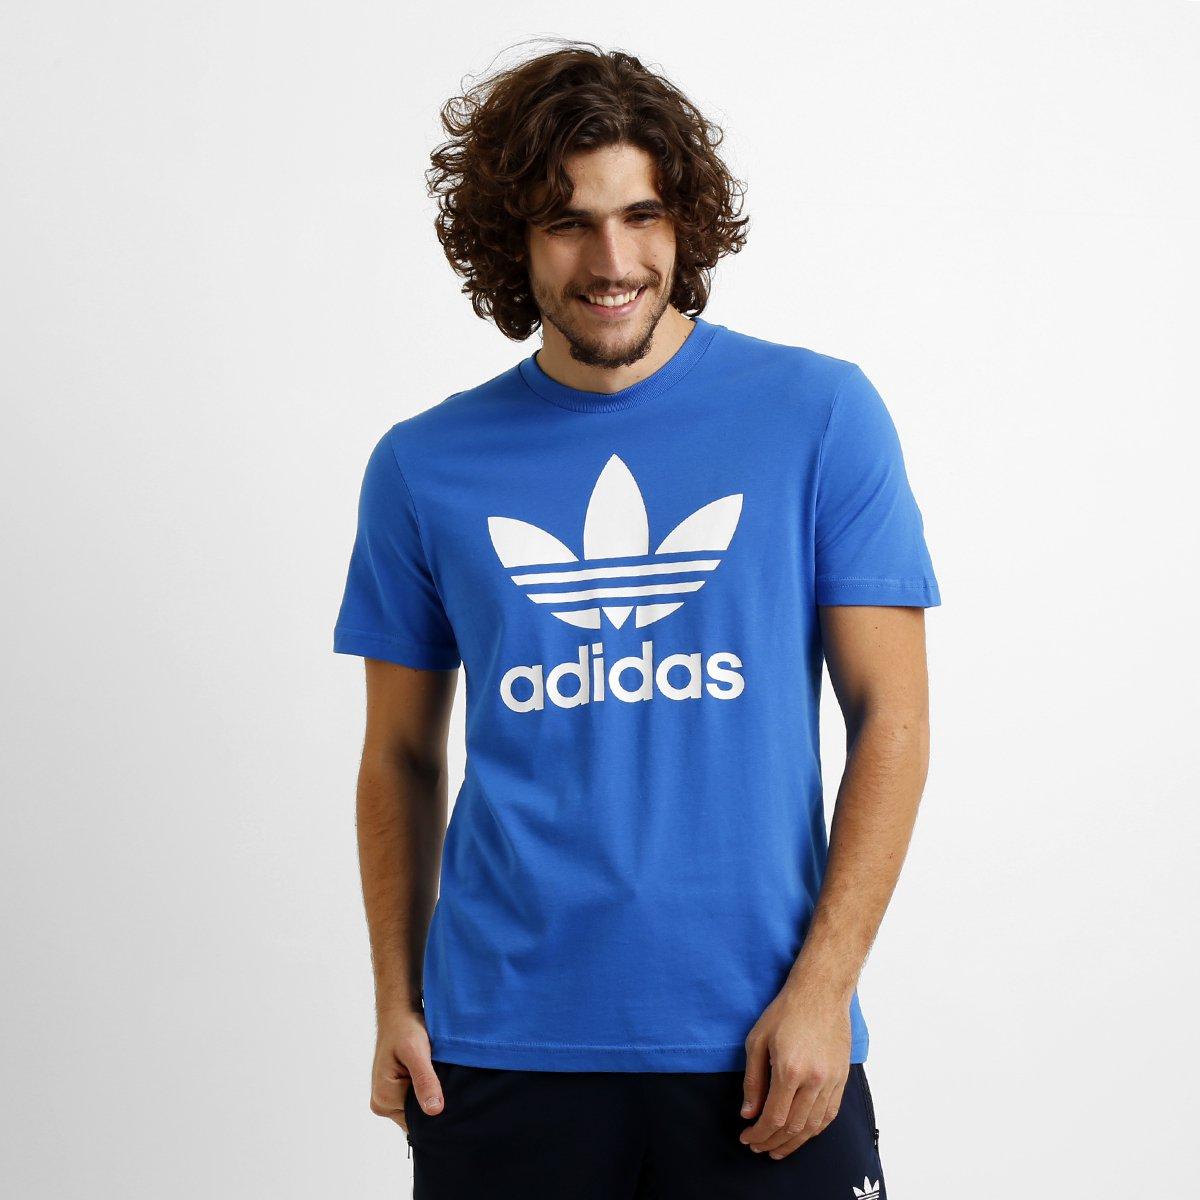 3e7a25088cc Camiseta Adidas Originals Trefoil - Compre Agora